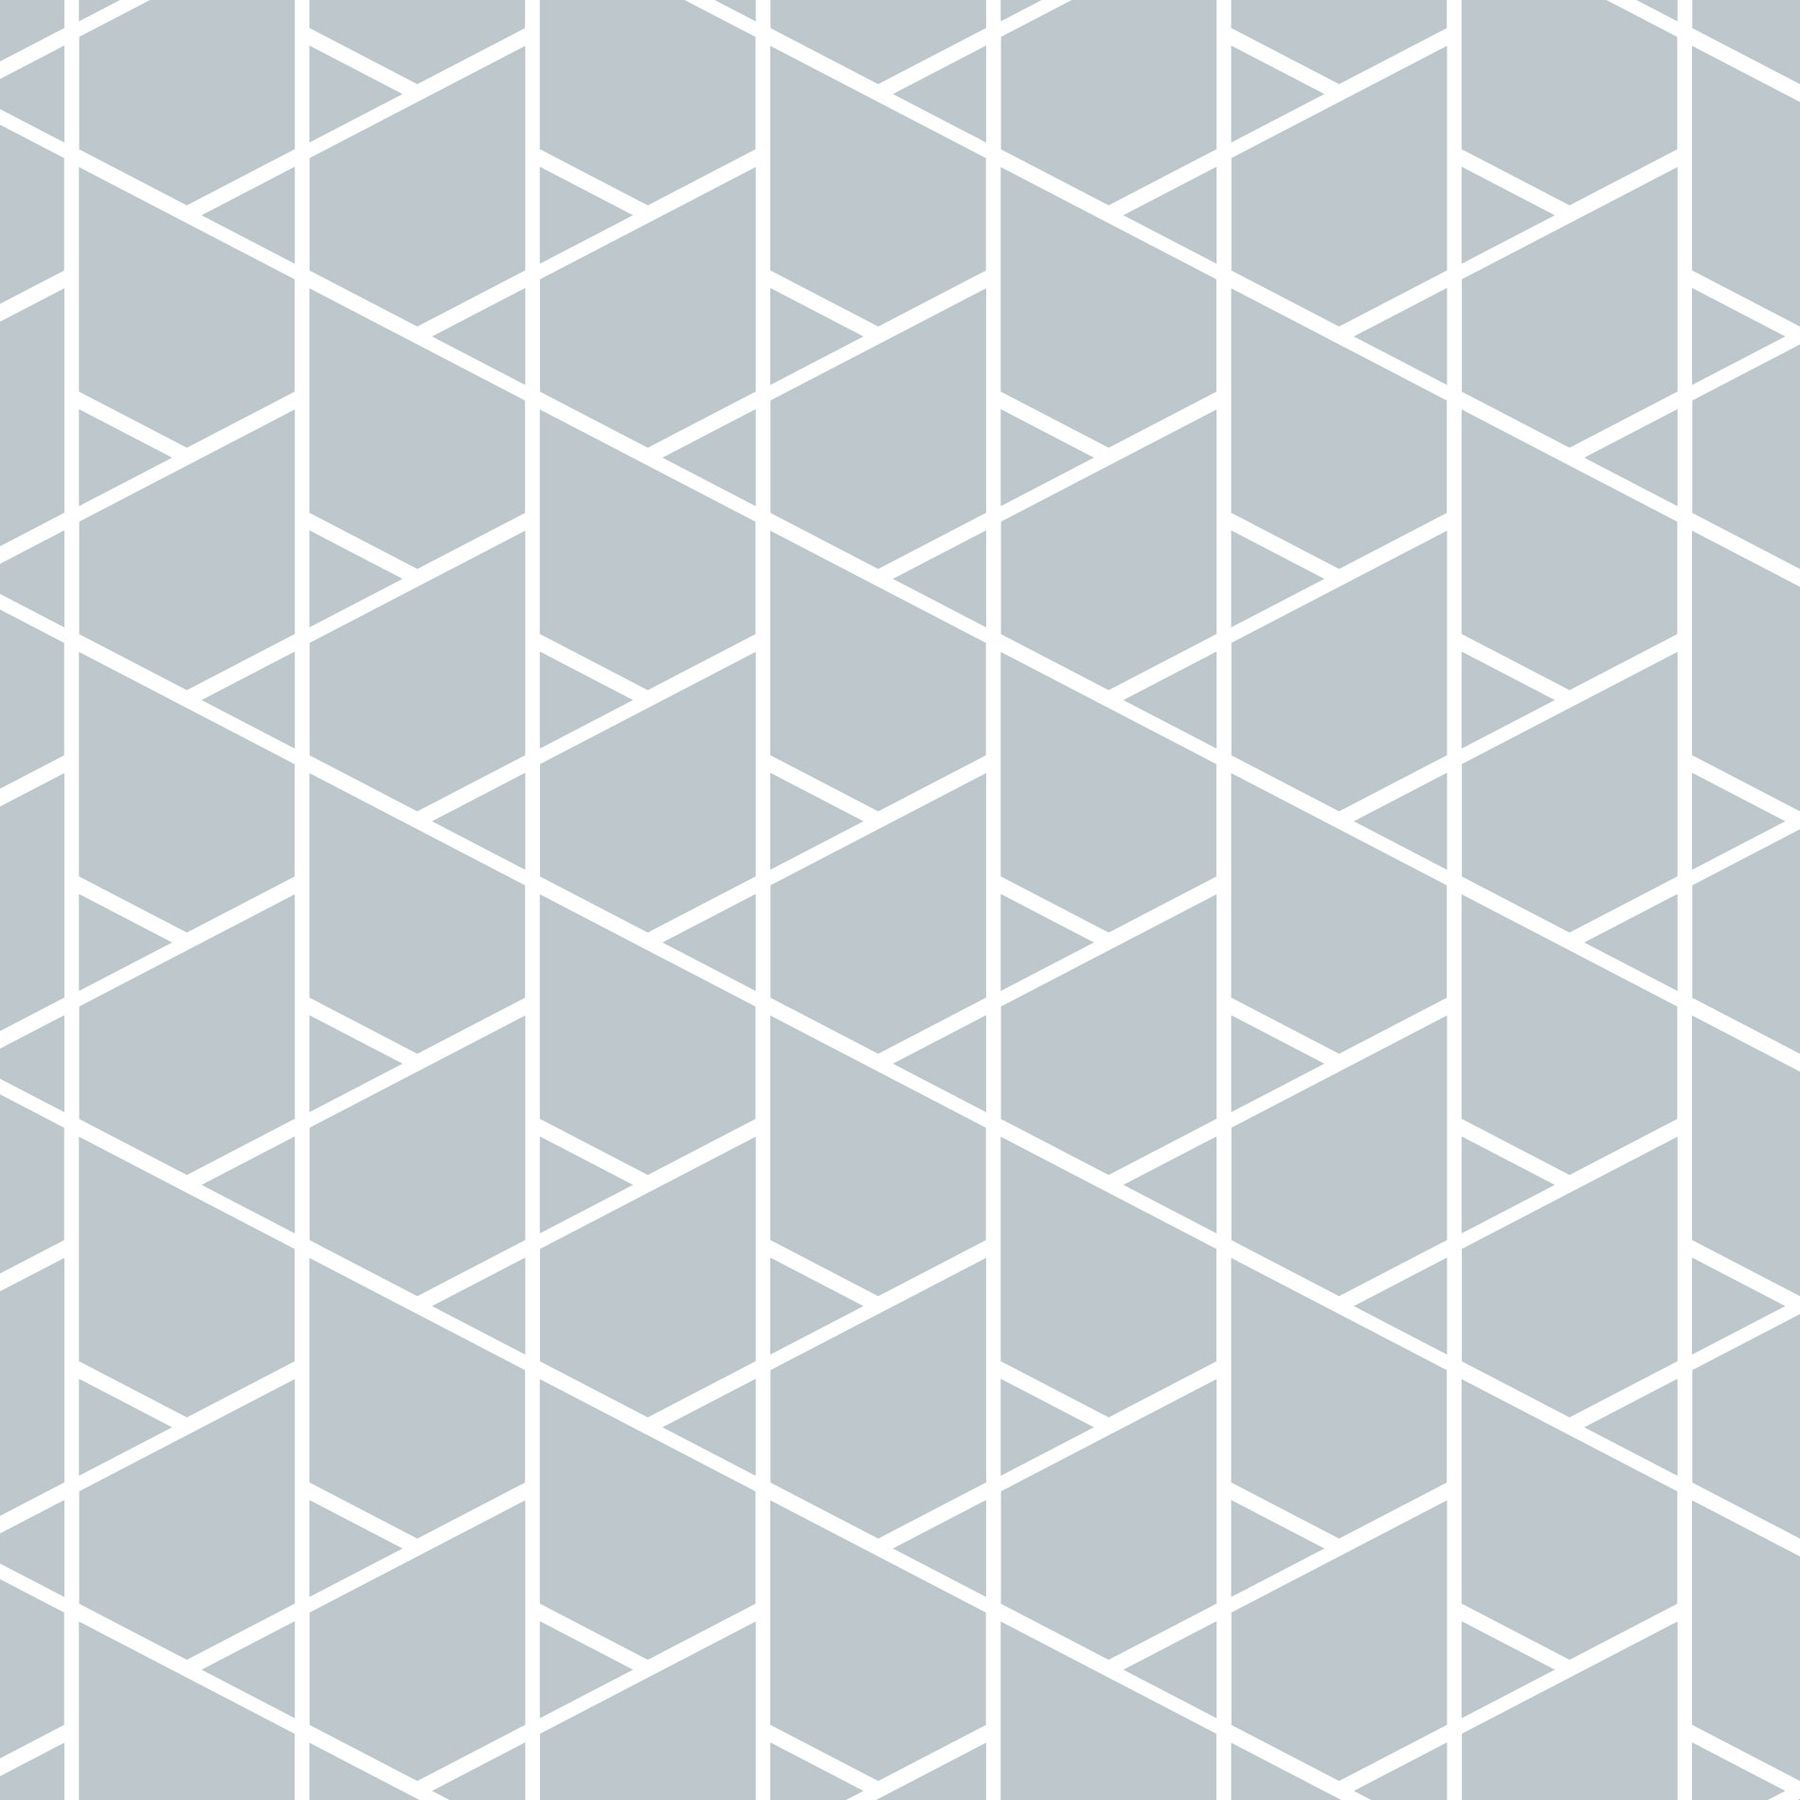 Papel De Parede Cinza Geometrico Adesivo 2 70x0 57m Leroy Merlin